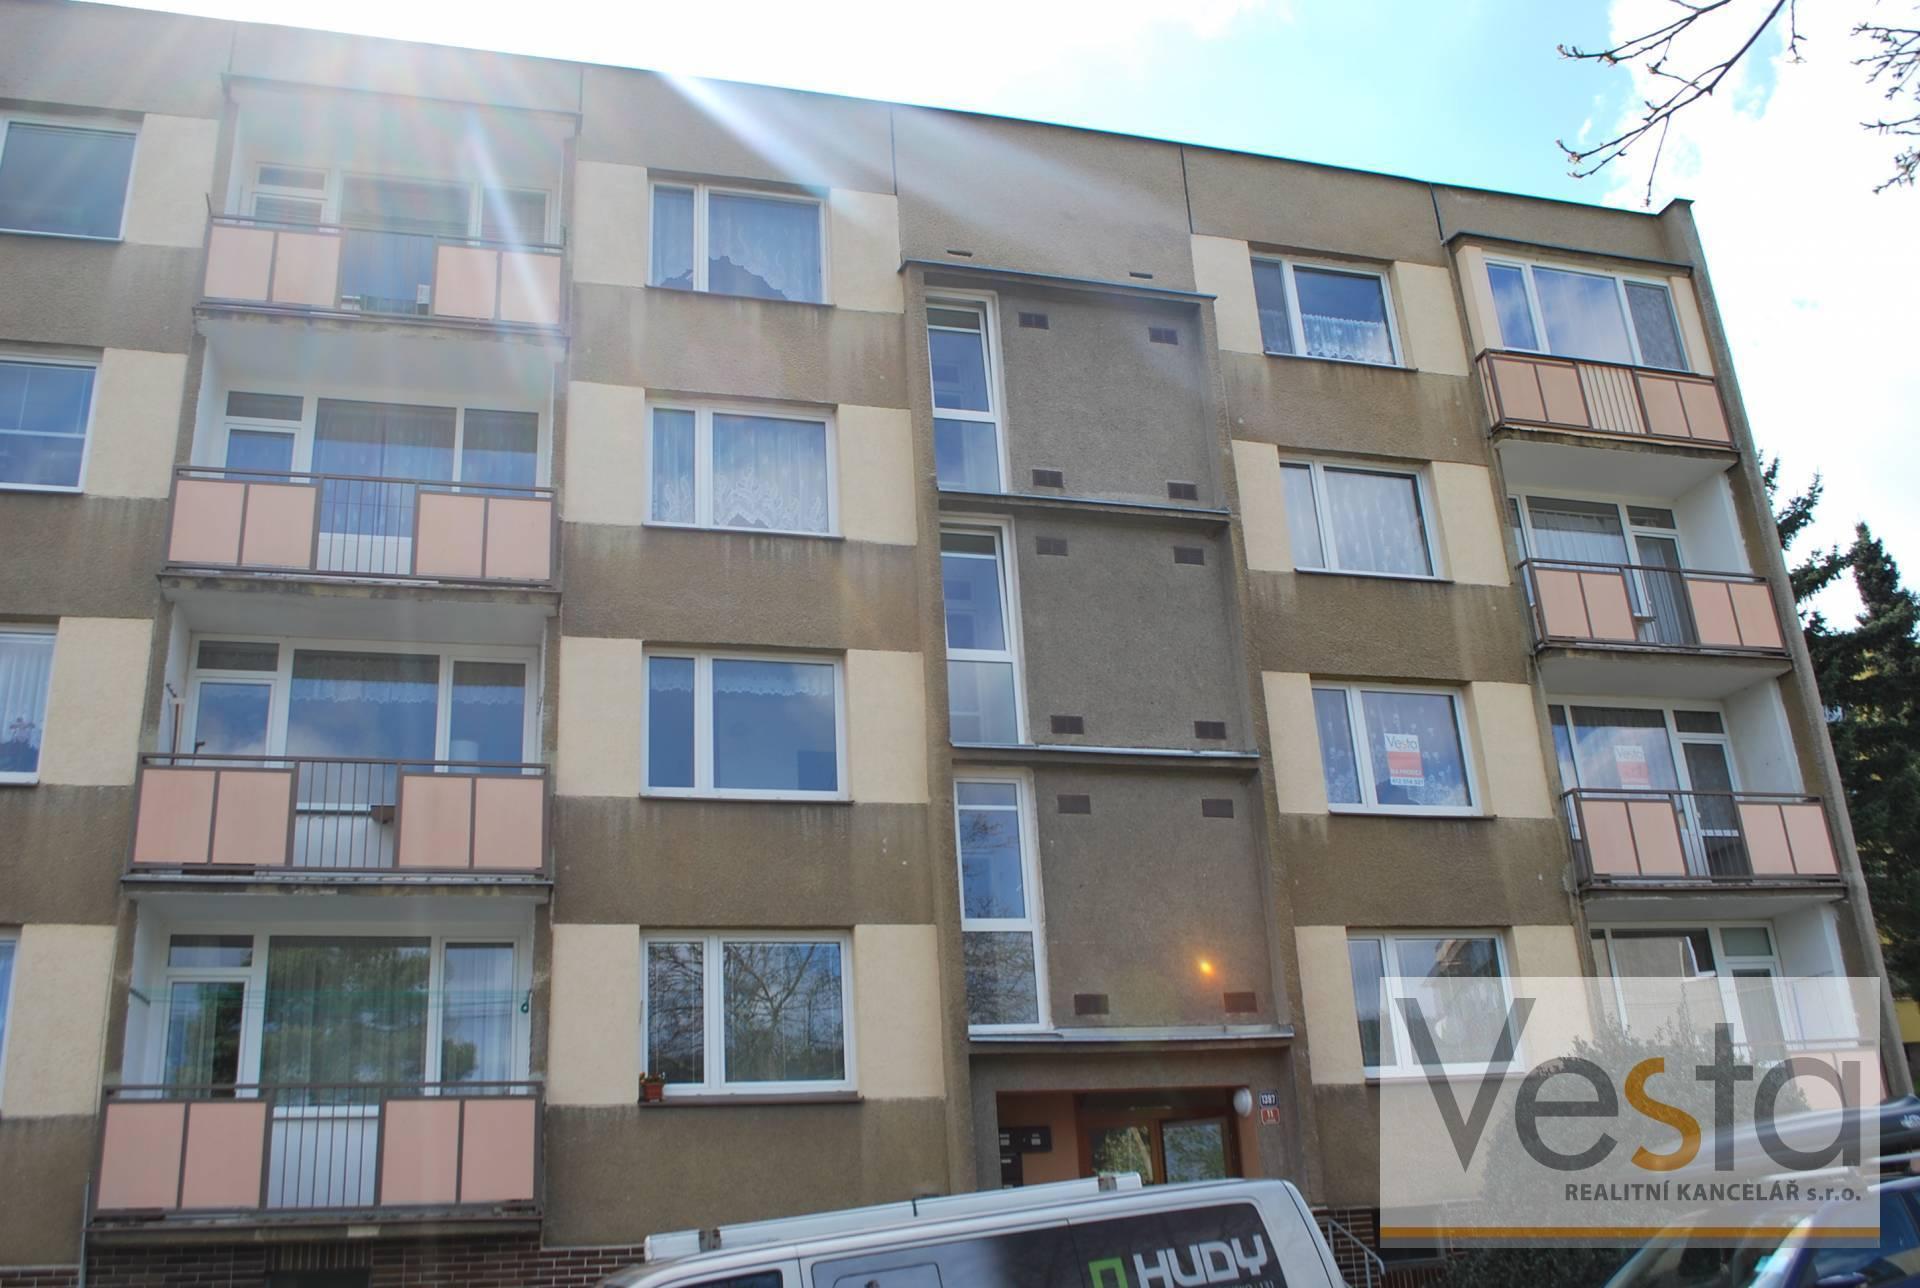 Pěkný byt 2+1 ve vyhledávané lokalitě Děčín - Letná